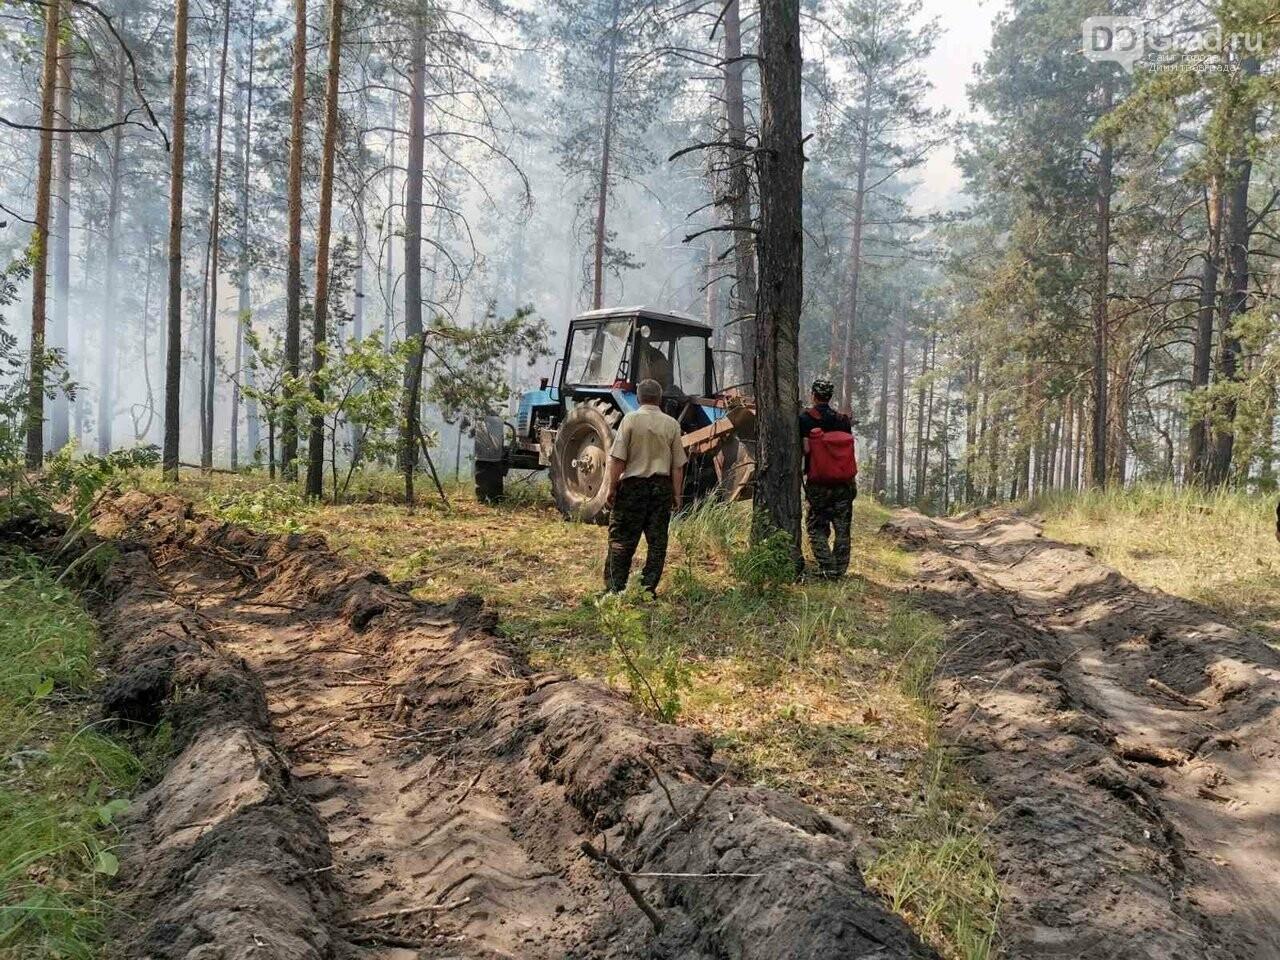 В Ульяновской области бушуют лесные пожары, фото-2